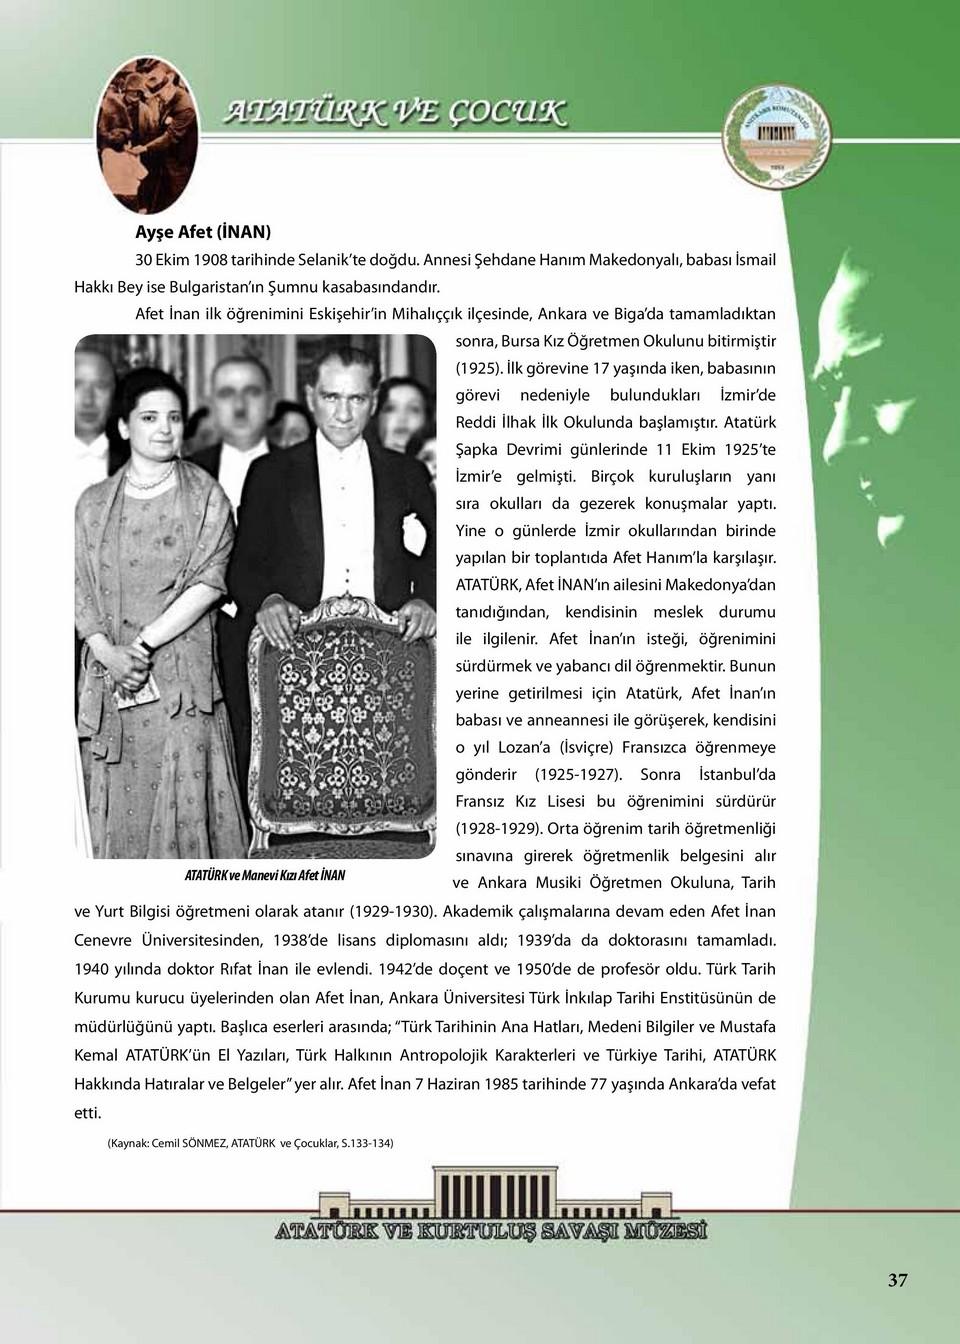 ataturkvecocuk-page-039